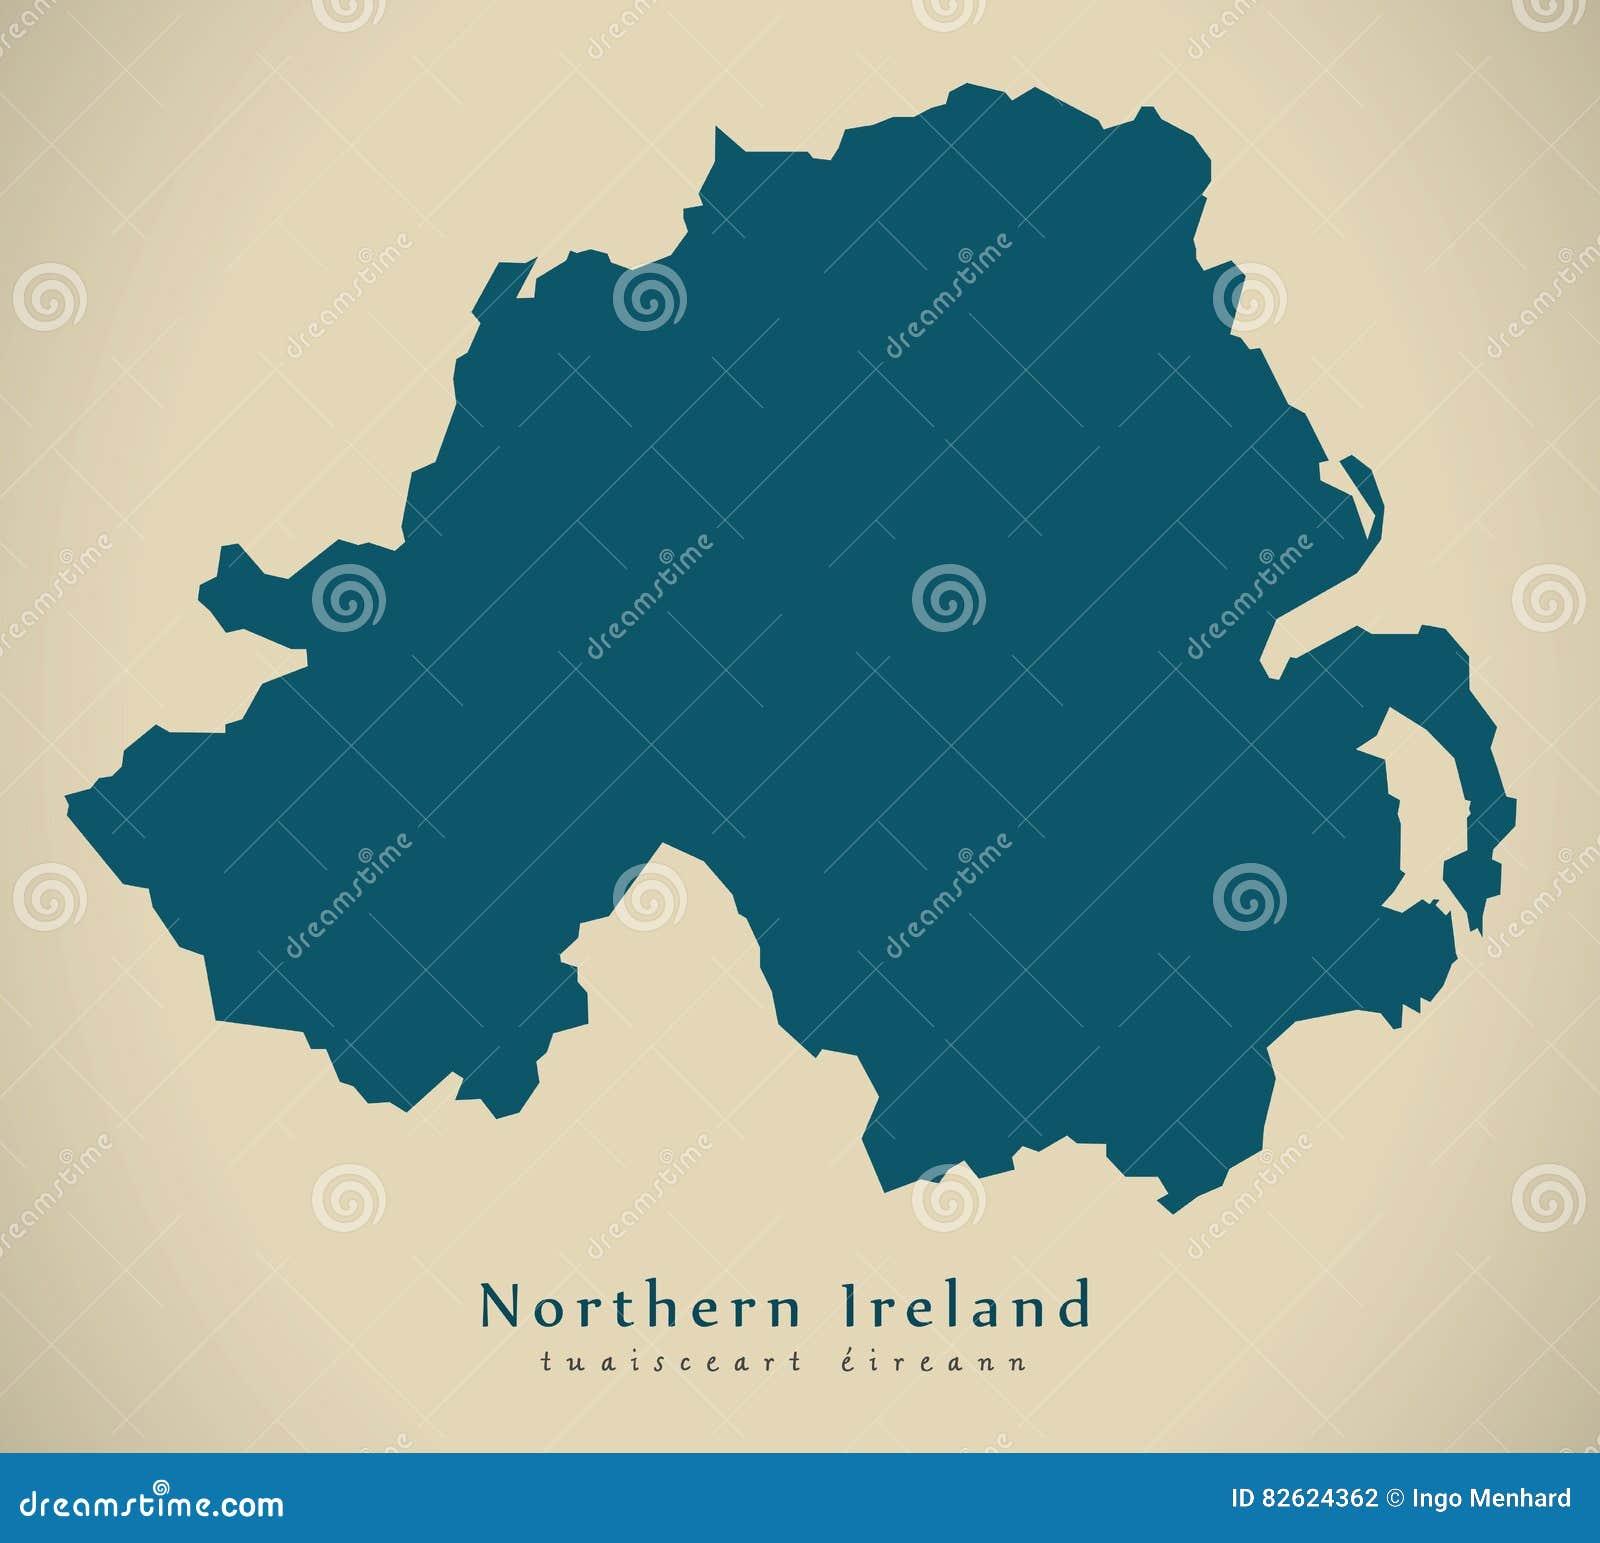 Map Of Ireland And The Uk.Modern Map Northern Ireland Uk Stock Illustration Illustration